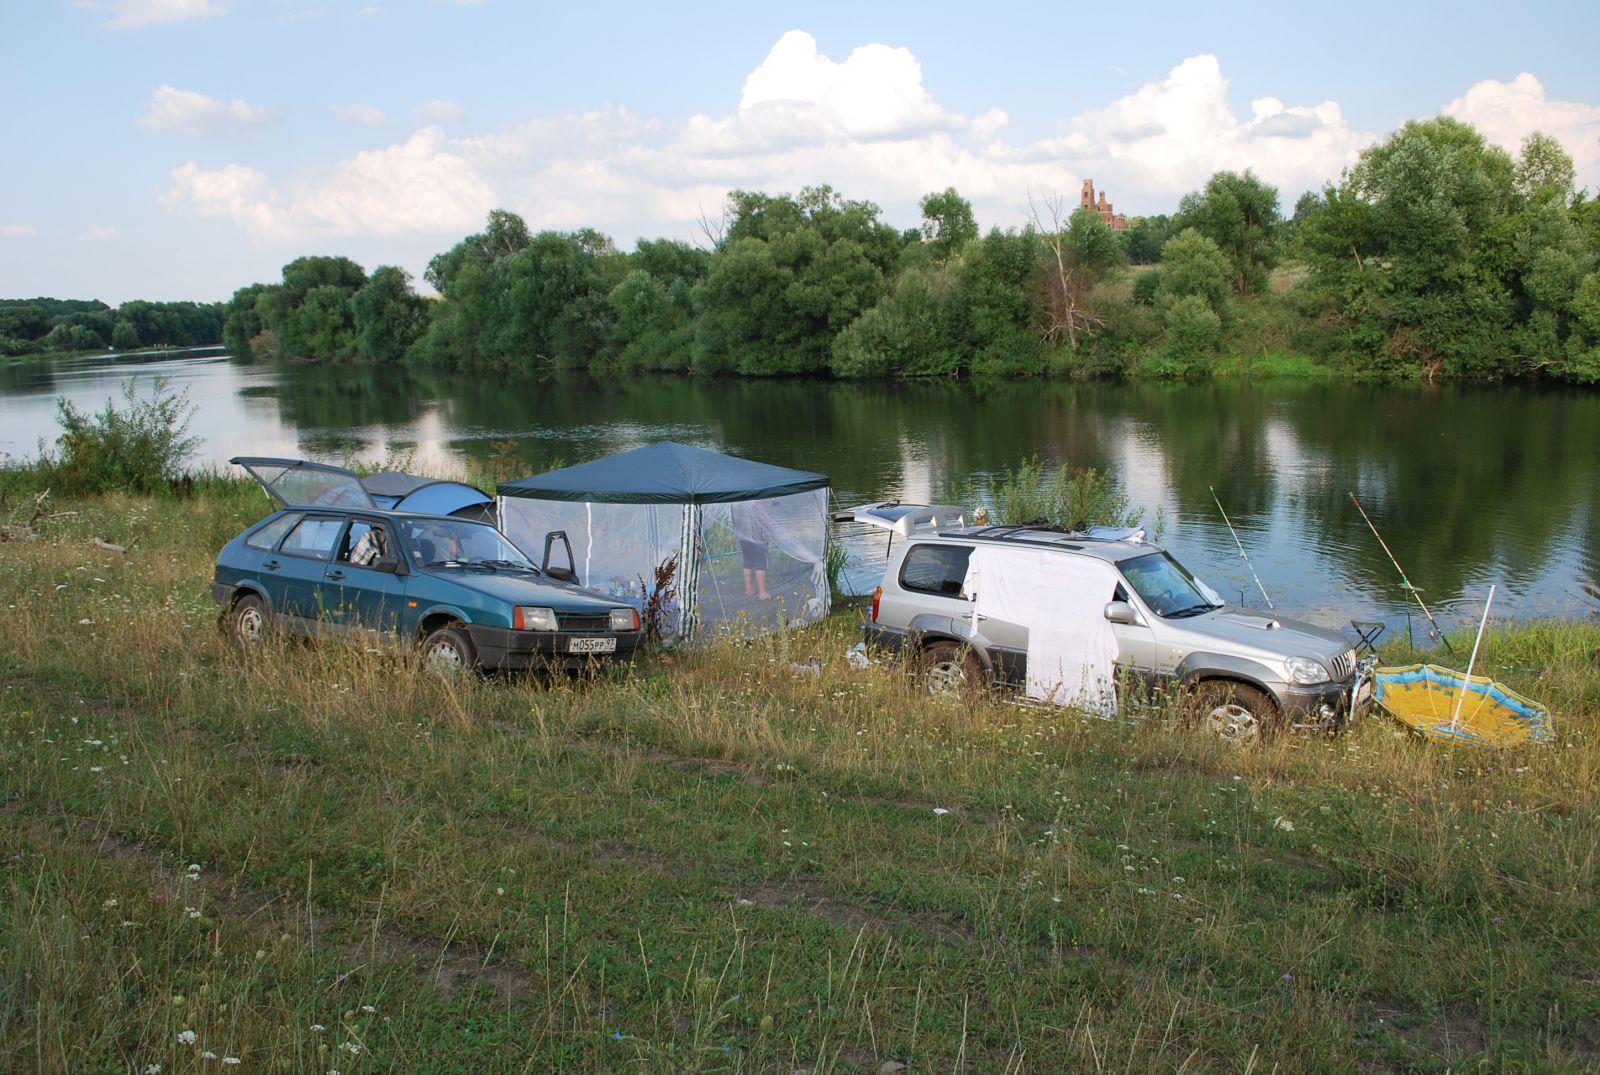 Дон, Липецкая обл. август 2011